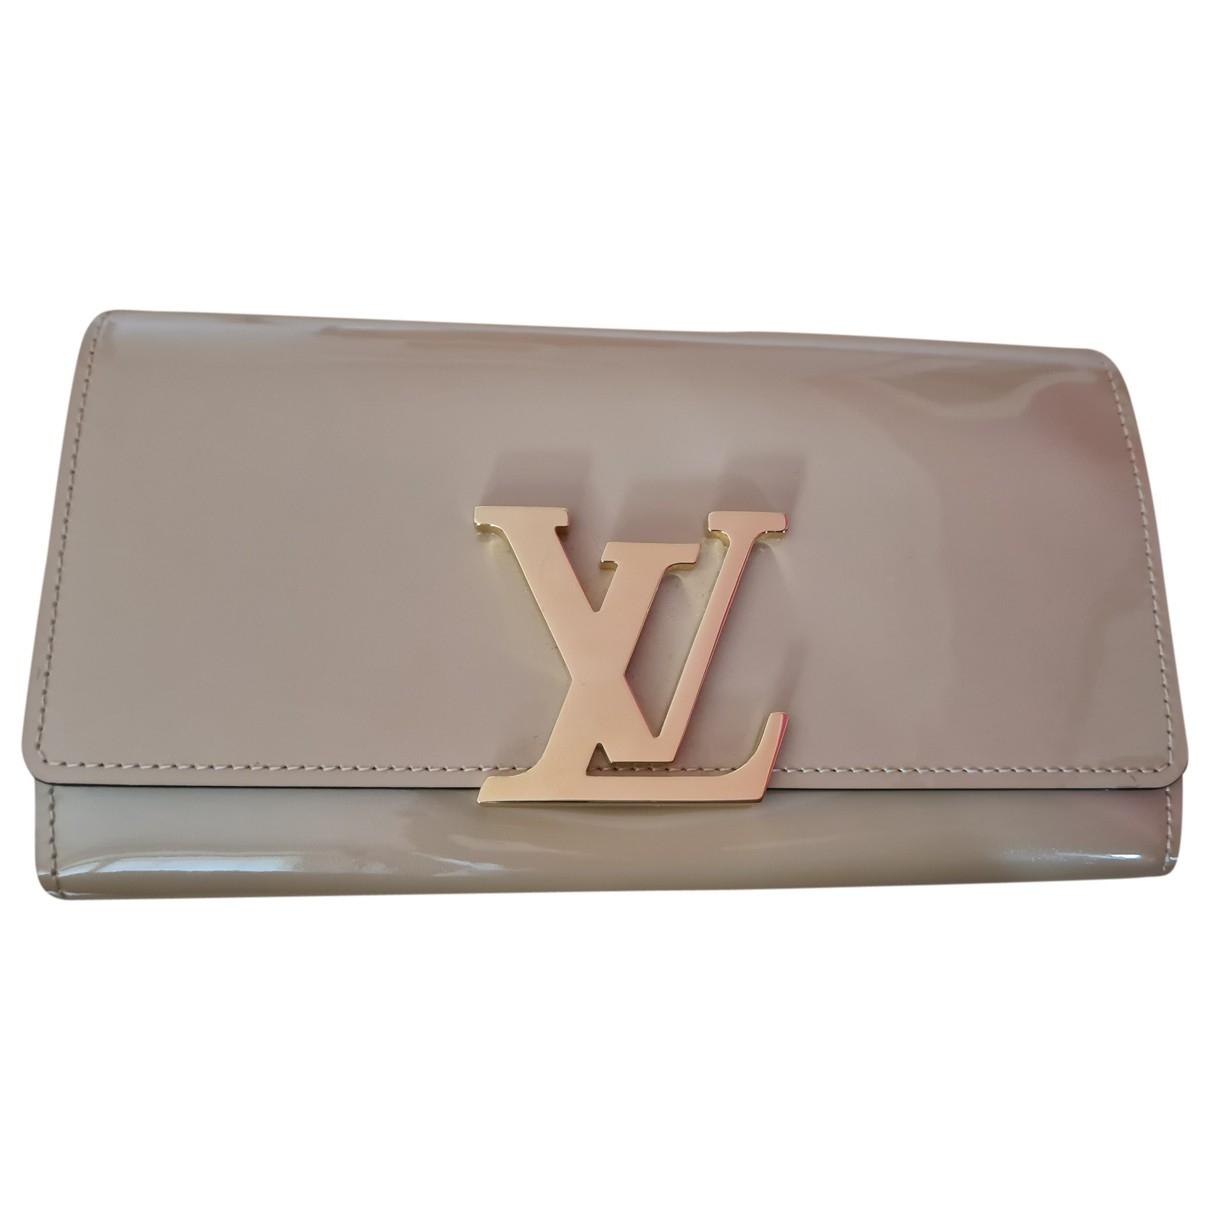 Louis Vuitton - Portefeuille Capucines pour femme en cuir verni - beige